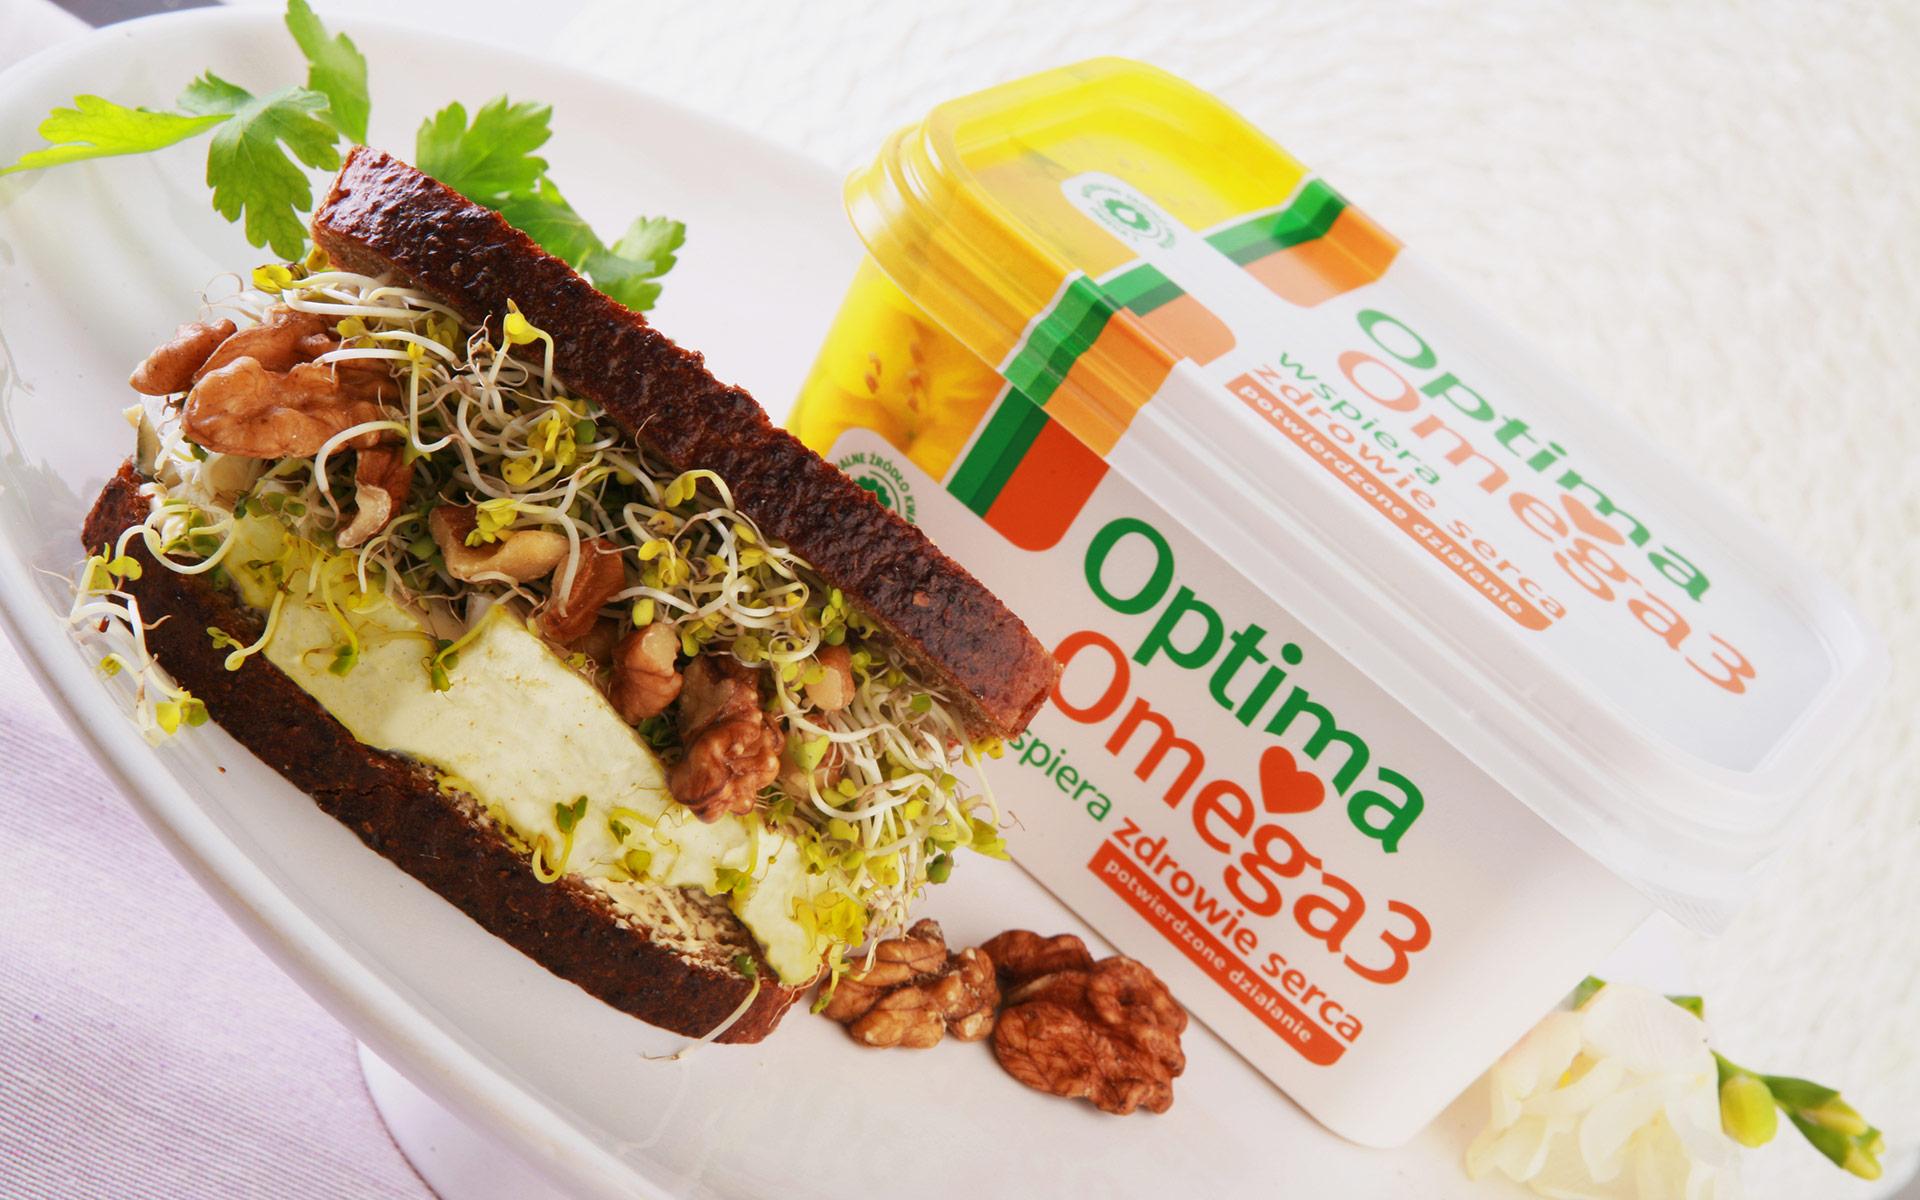 Kanapka z chlebem razowym, kiełkami brokułu, tofu i orzechami włoskimi